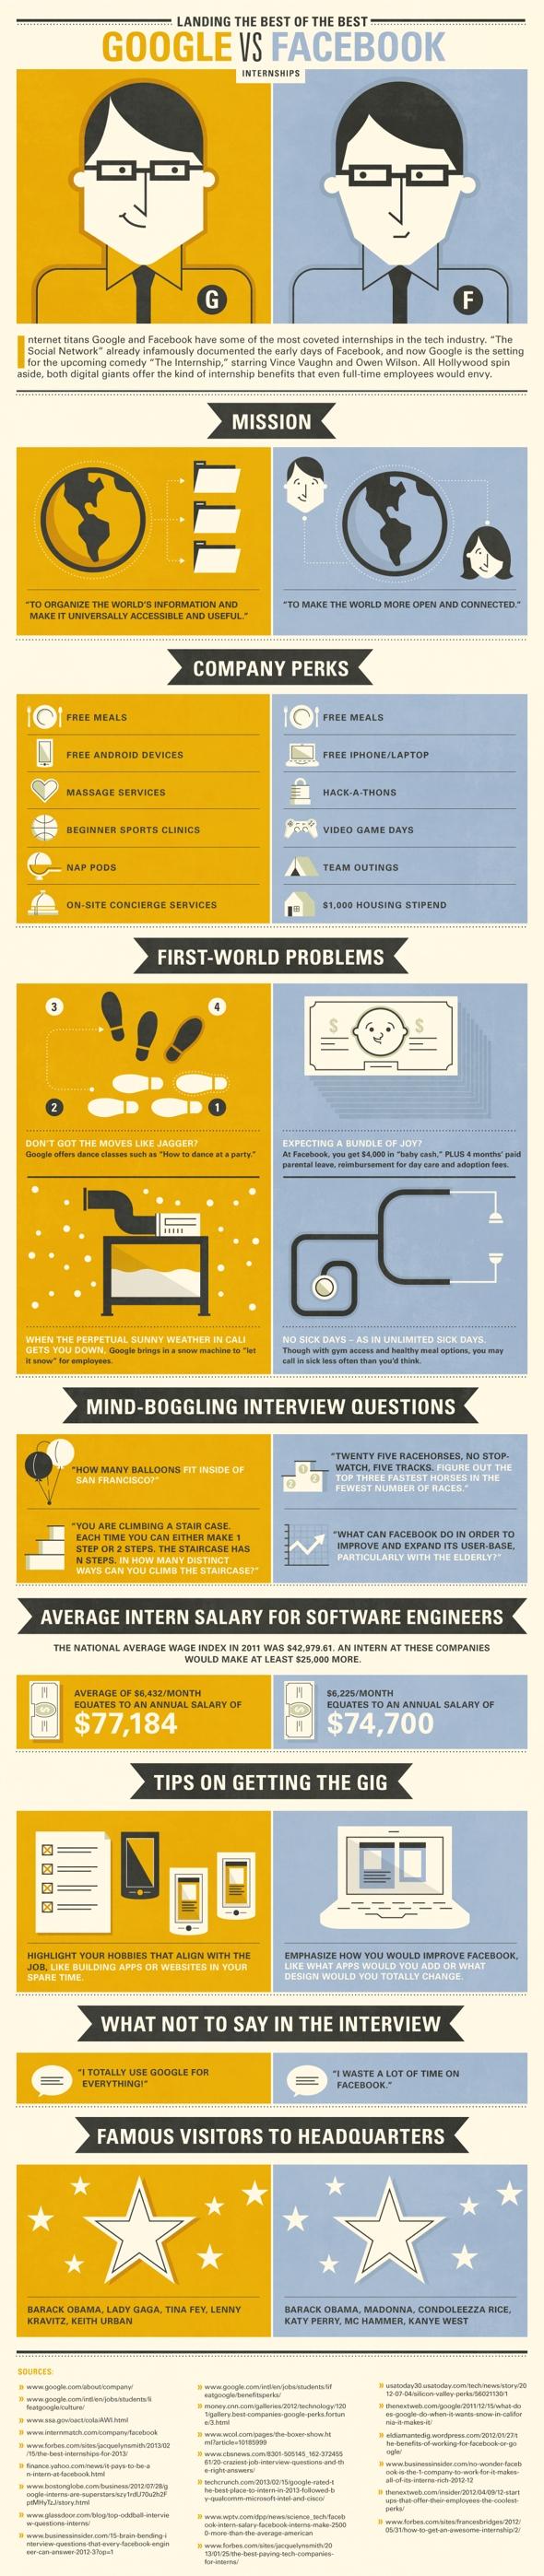 google-vs-facebook-interns